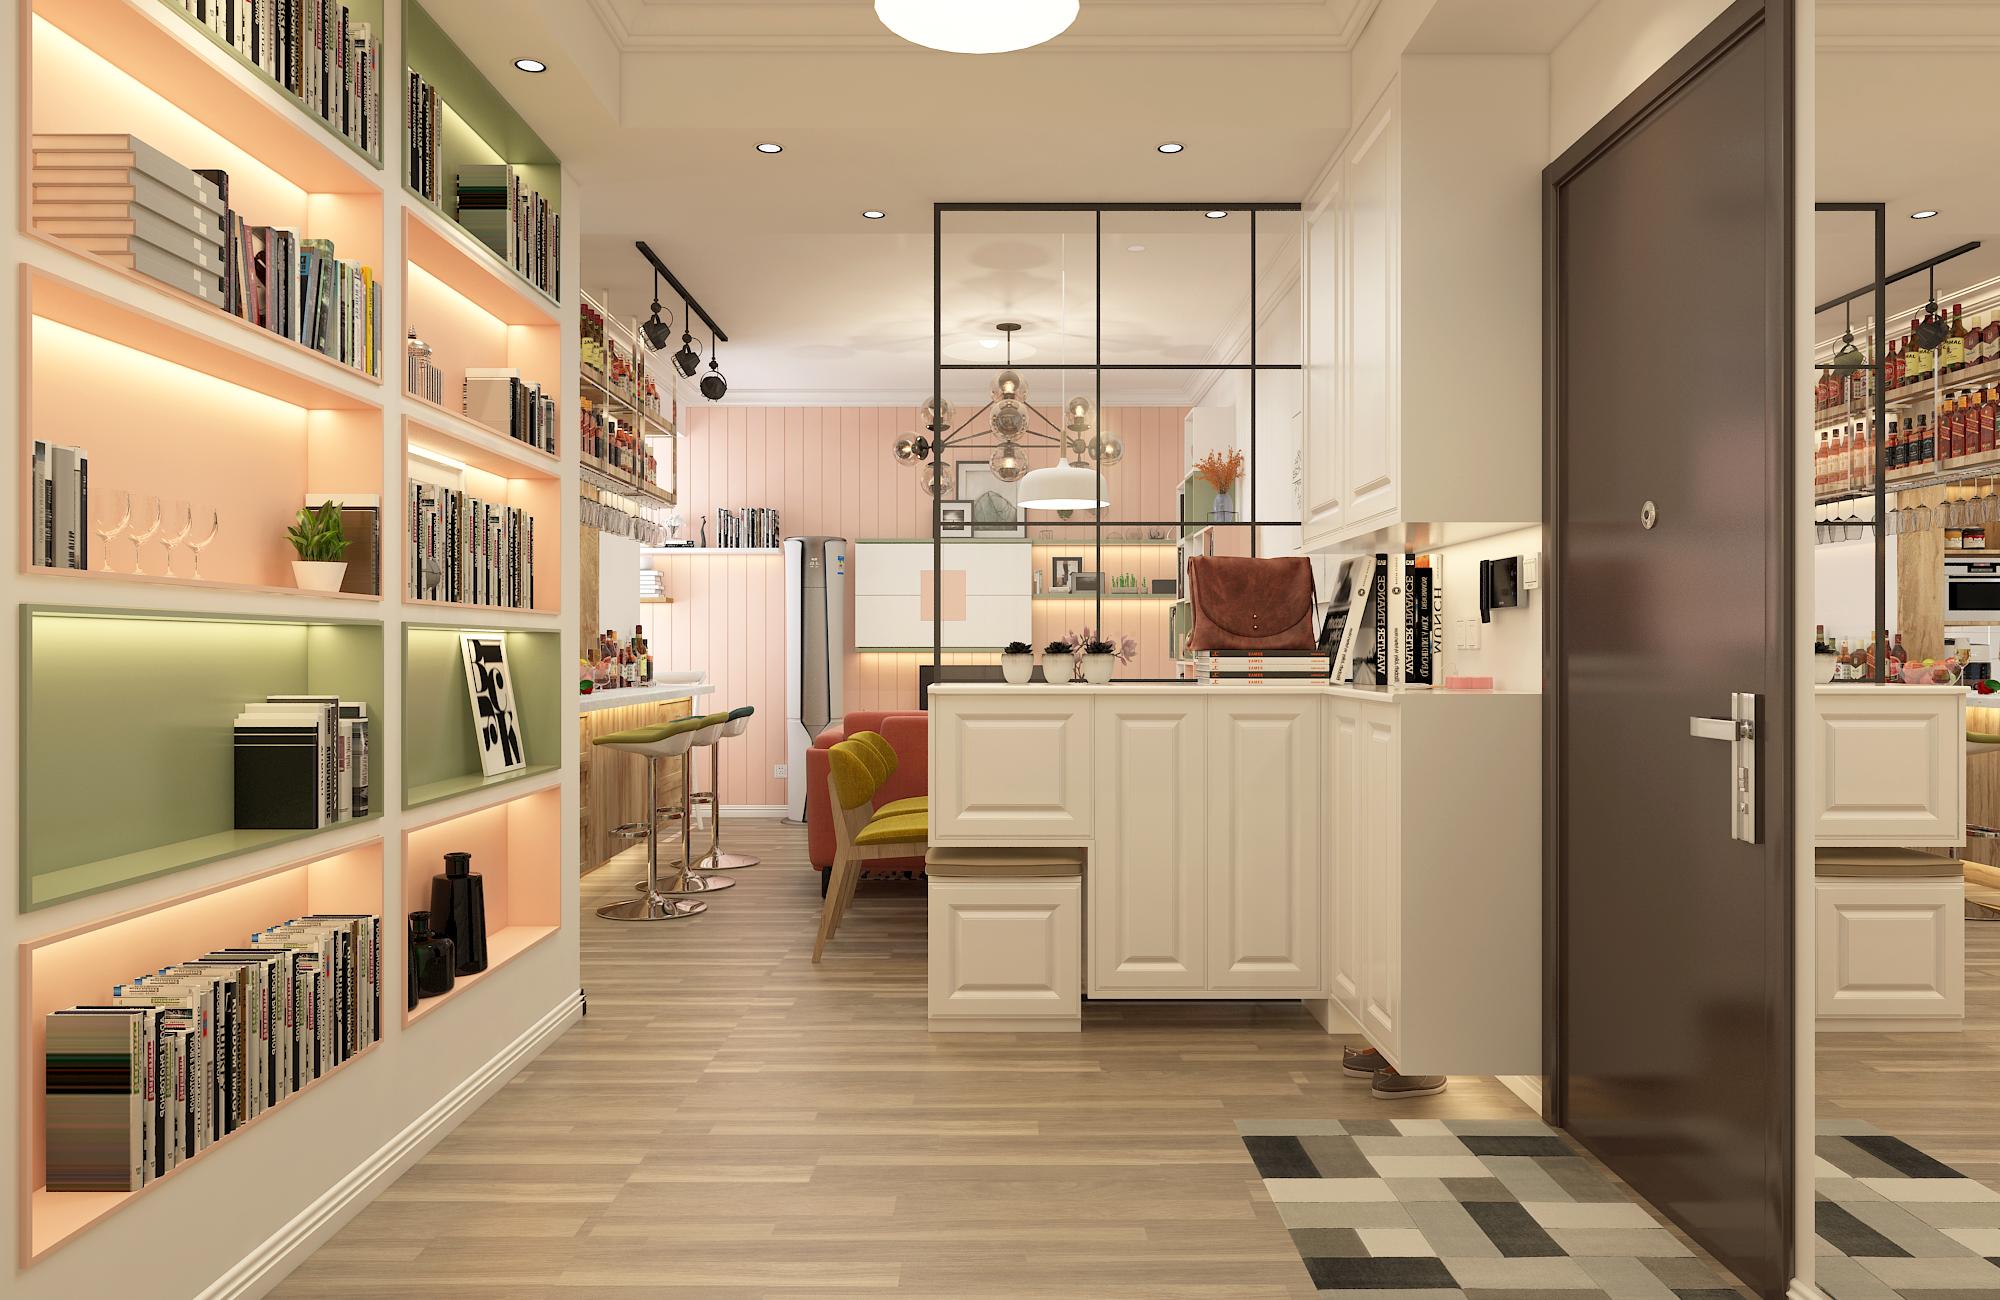 二居室混搭风格家门厅设计